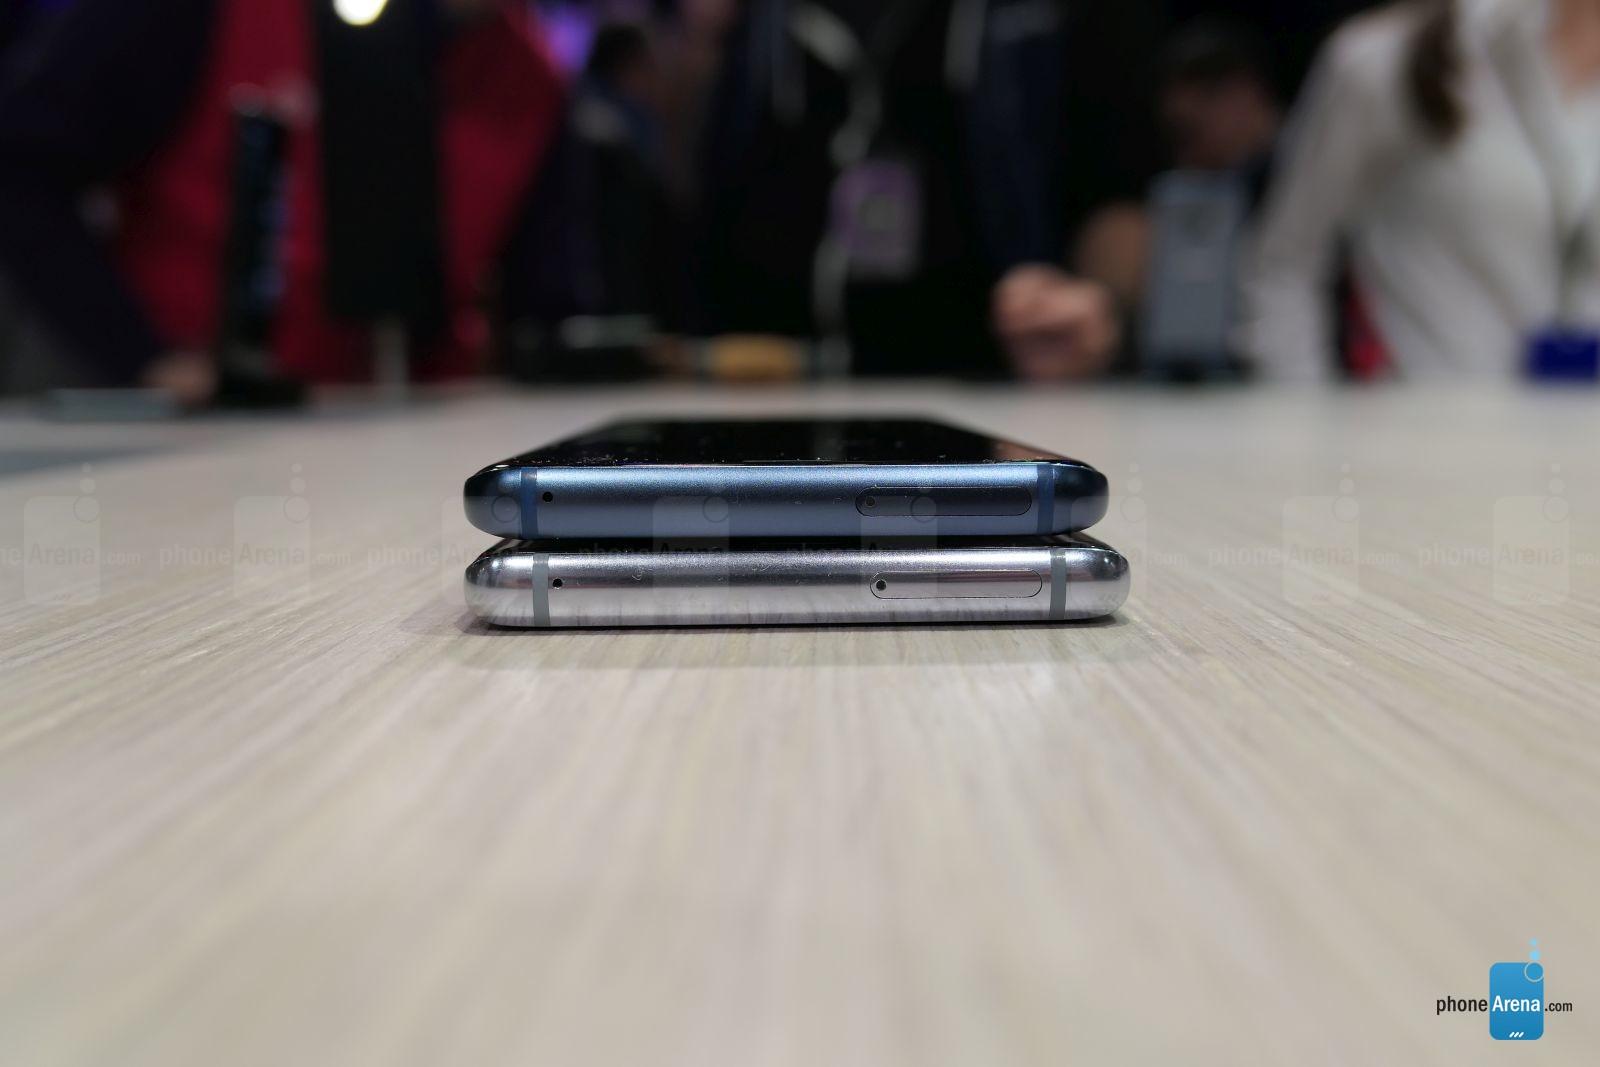 Galaxy S9+ đọ sức Galaxy Note8: khác biệt gì ở siêu phẩm thế hệ mới? 2